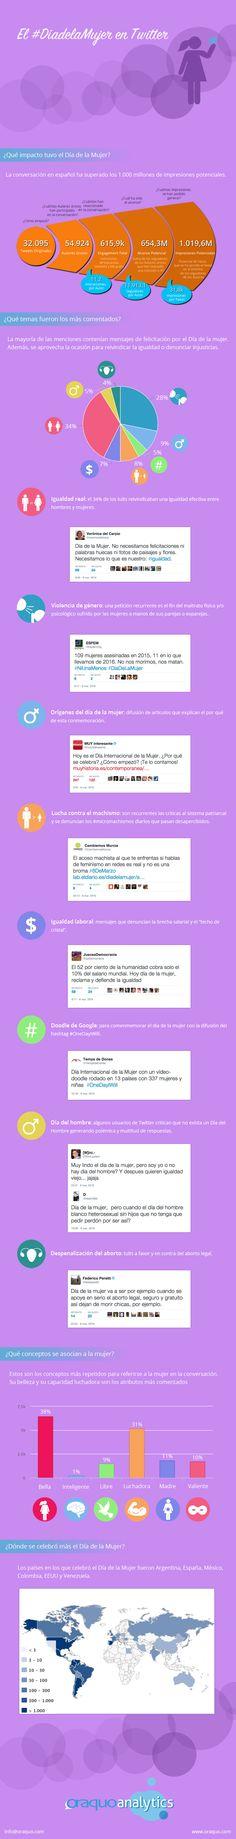 El Día de la Mujer en Twitter #infografia #infographic #socialmedia | TICs y Formación